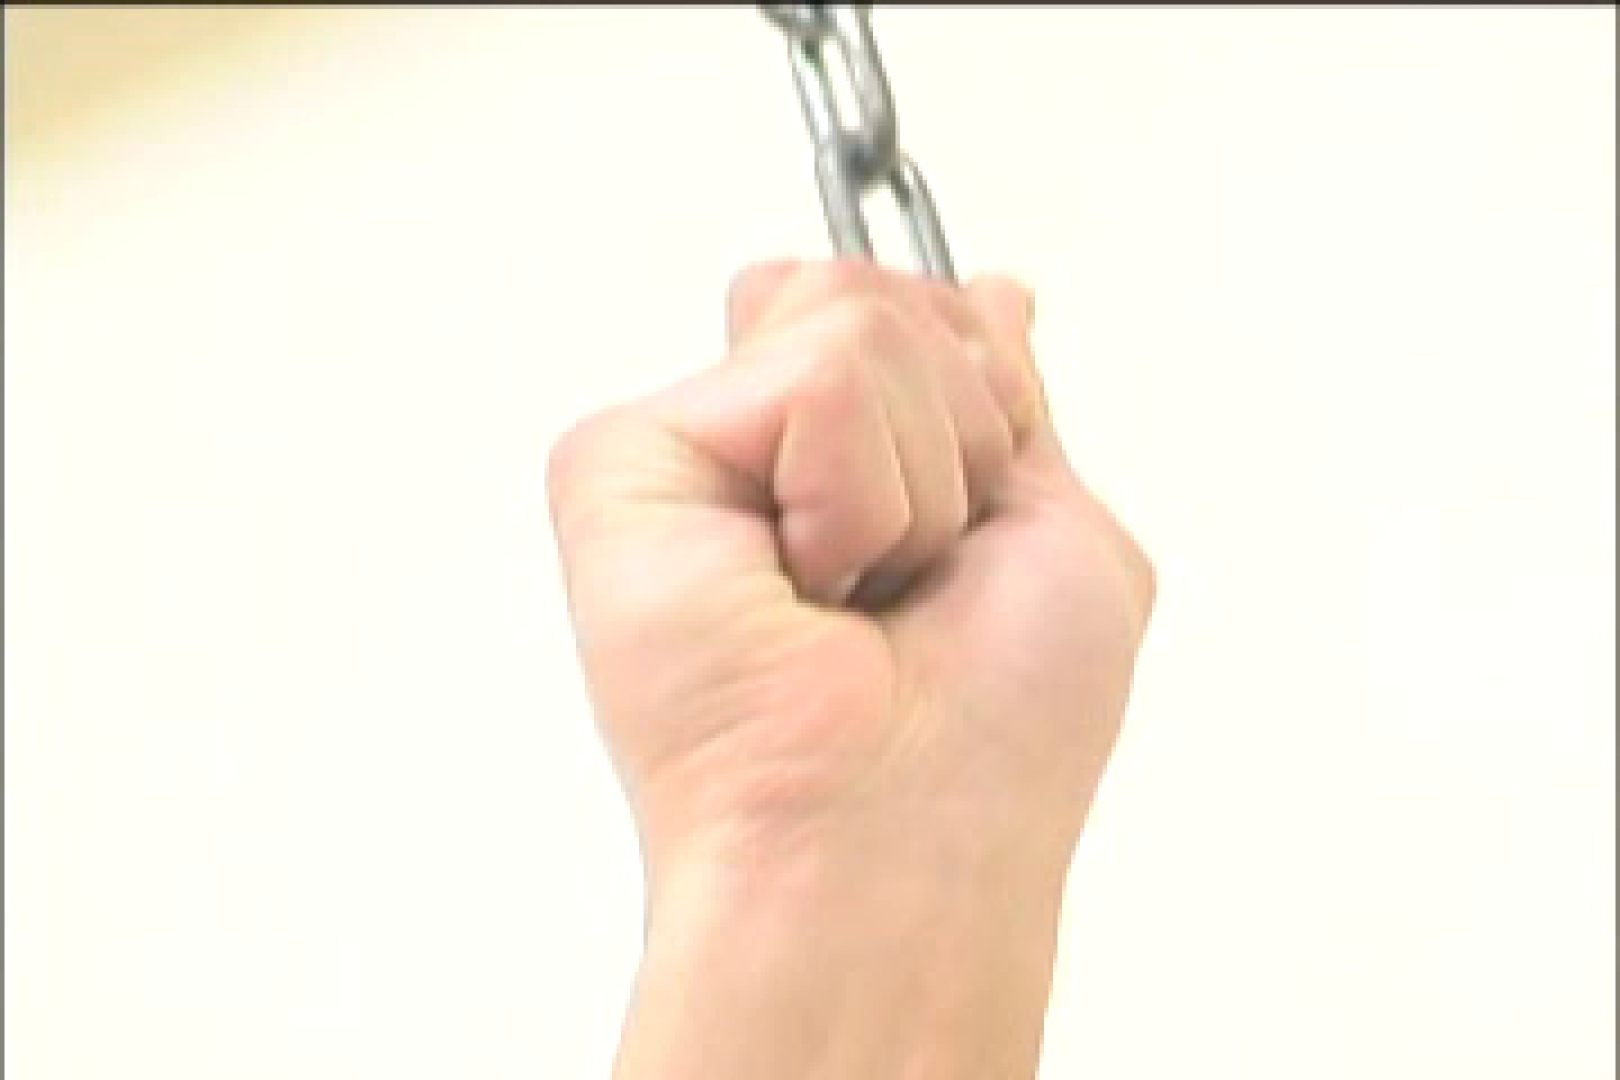 イケメン☆パラダイス〜男ざかりの君たちへ〜vol.3 フェラ ゲイ素人エロ画像 75枚 57